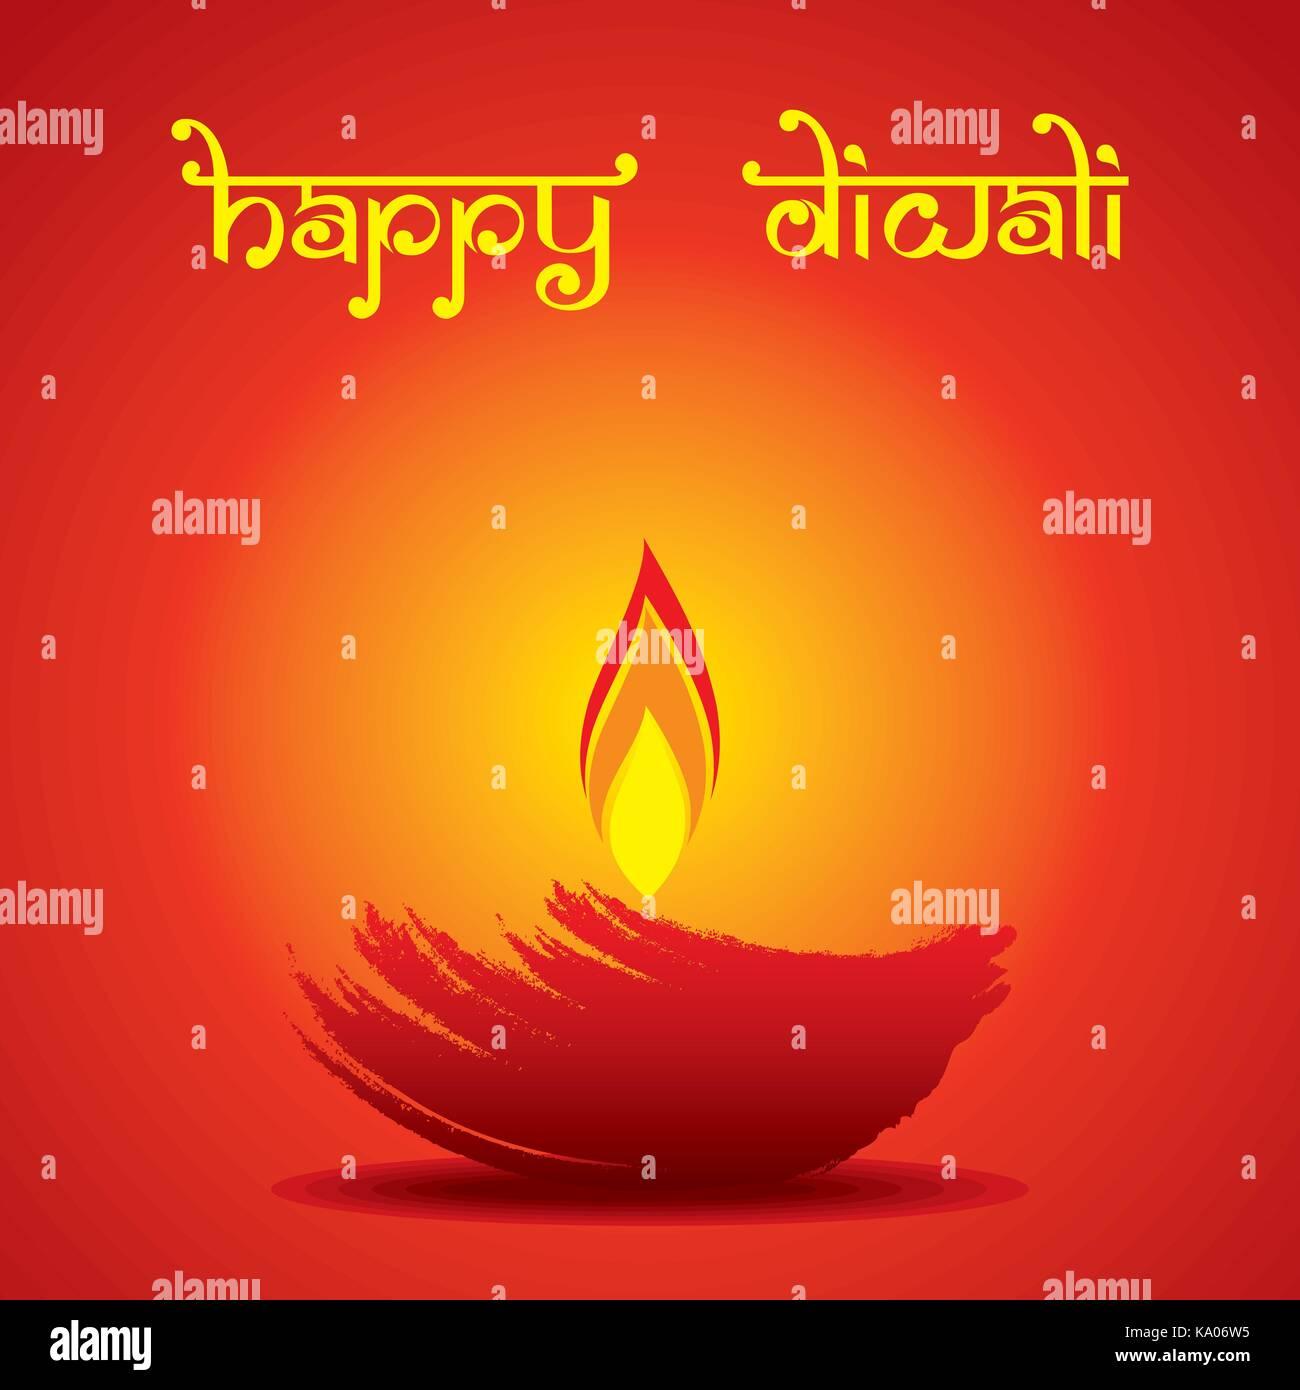 Shiny Diwali Diya Greeting Design Stock Photos Shiny Diwali Diya